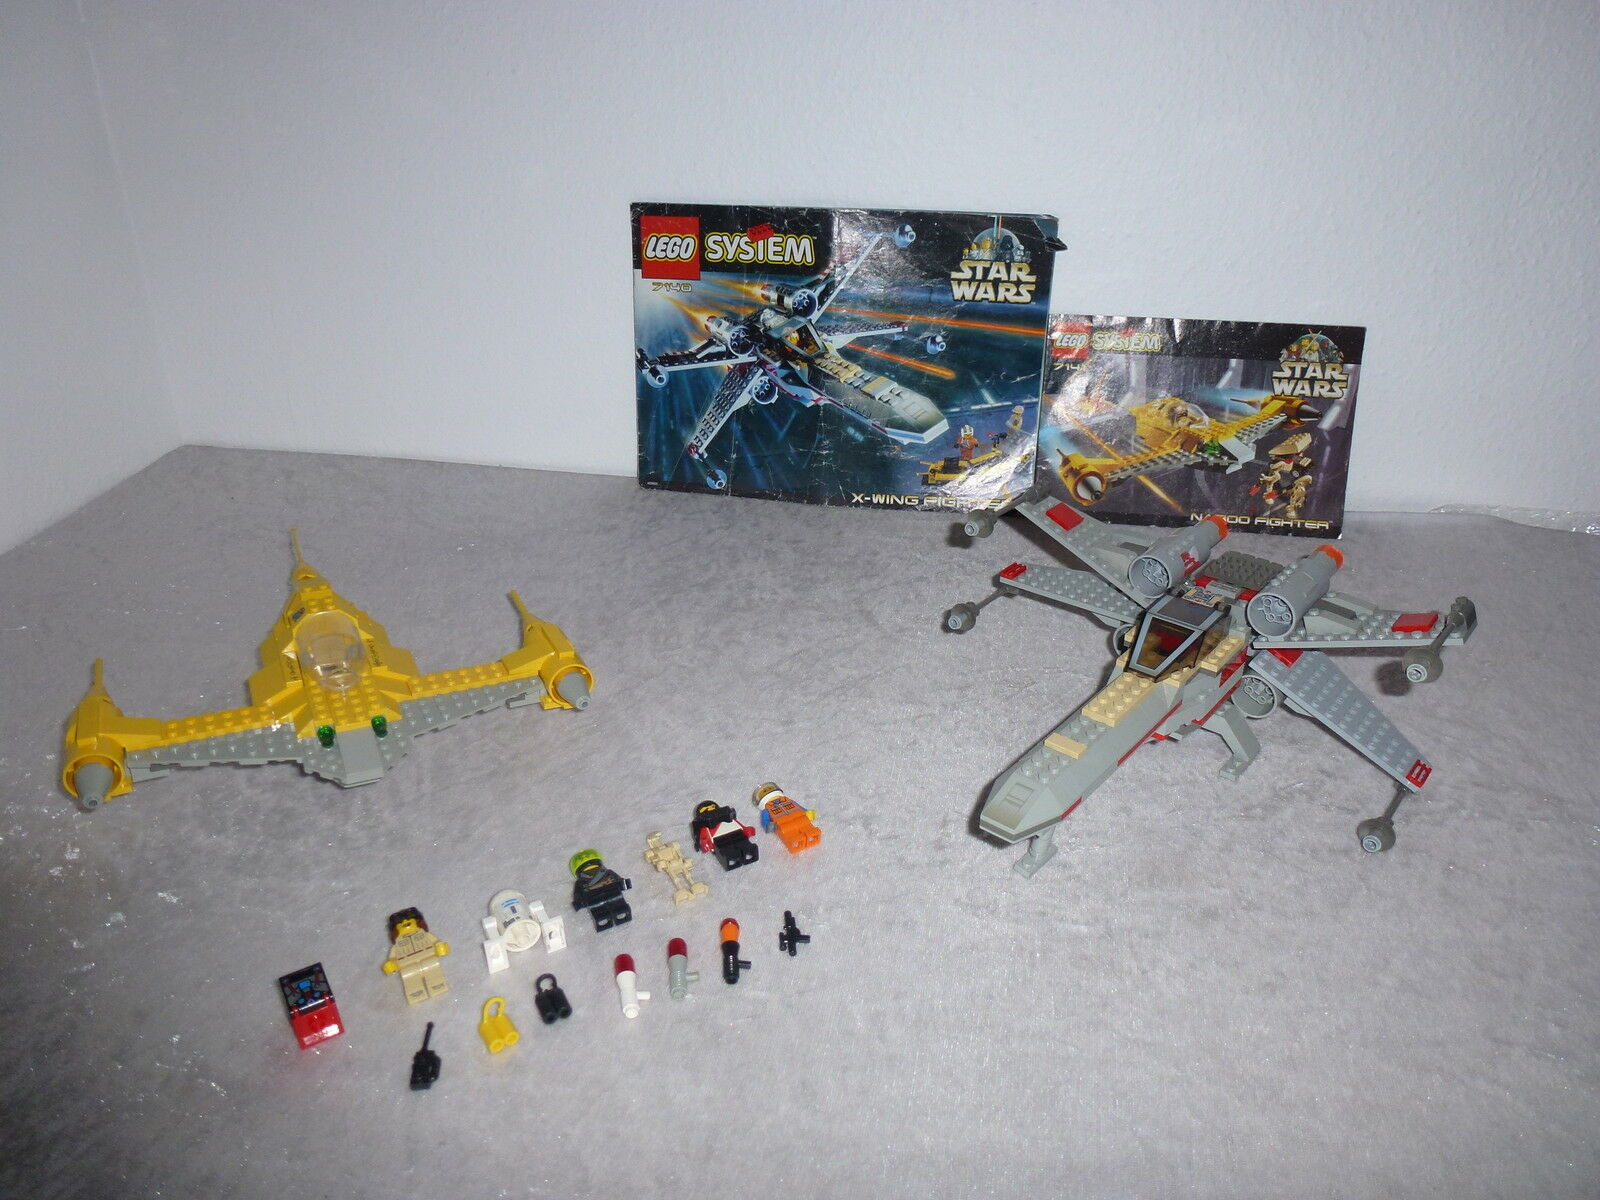 Lego Star Wars System 7140+7141 AUS DEM JAHR 1999 + OBA Rarität (12)